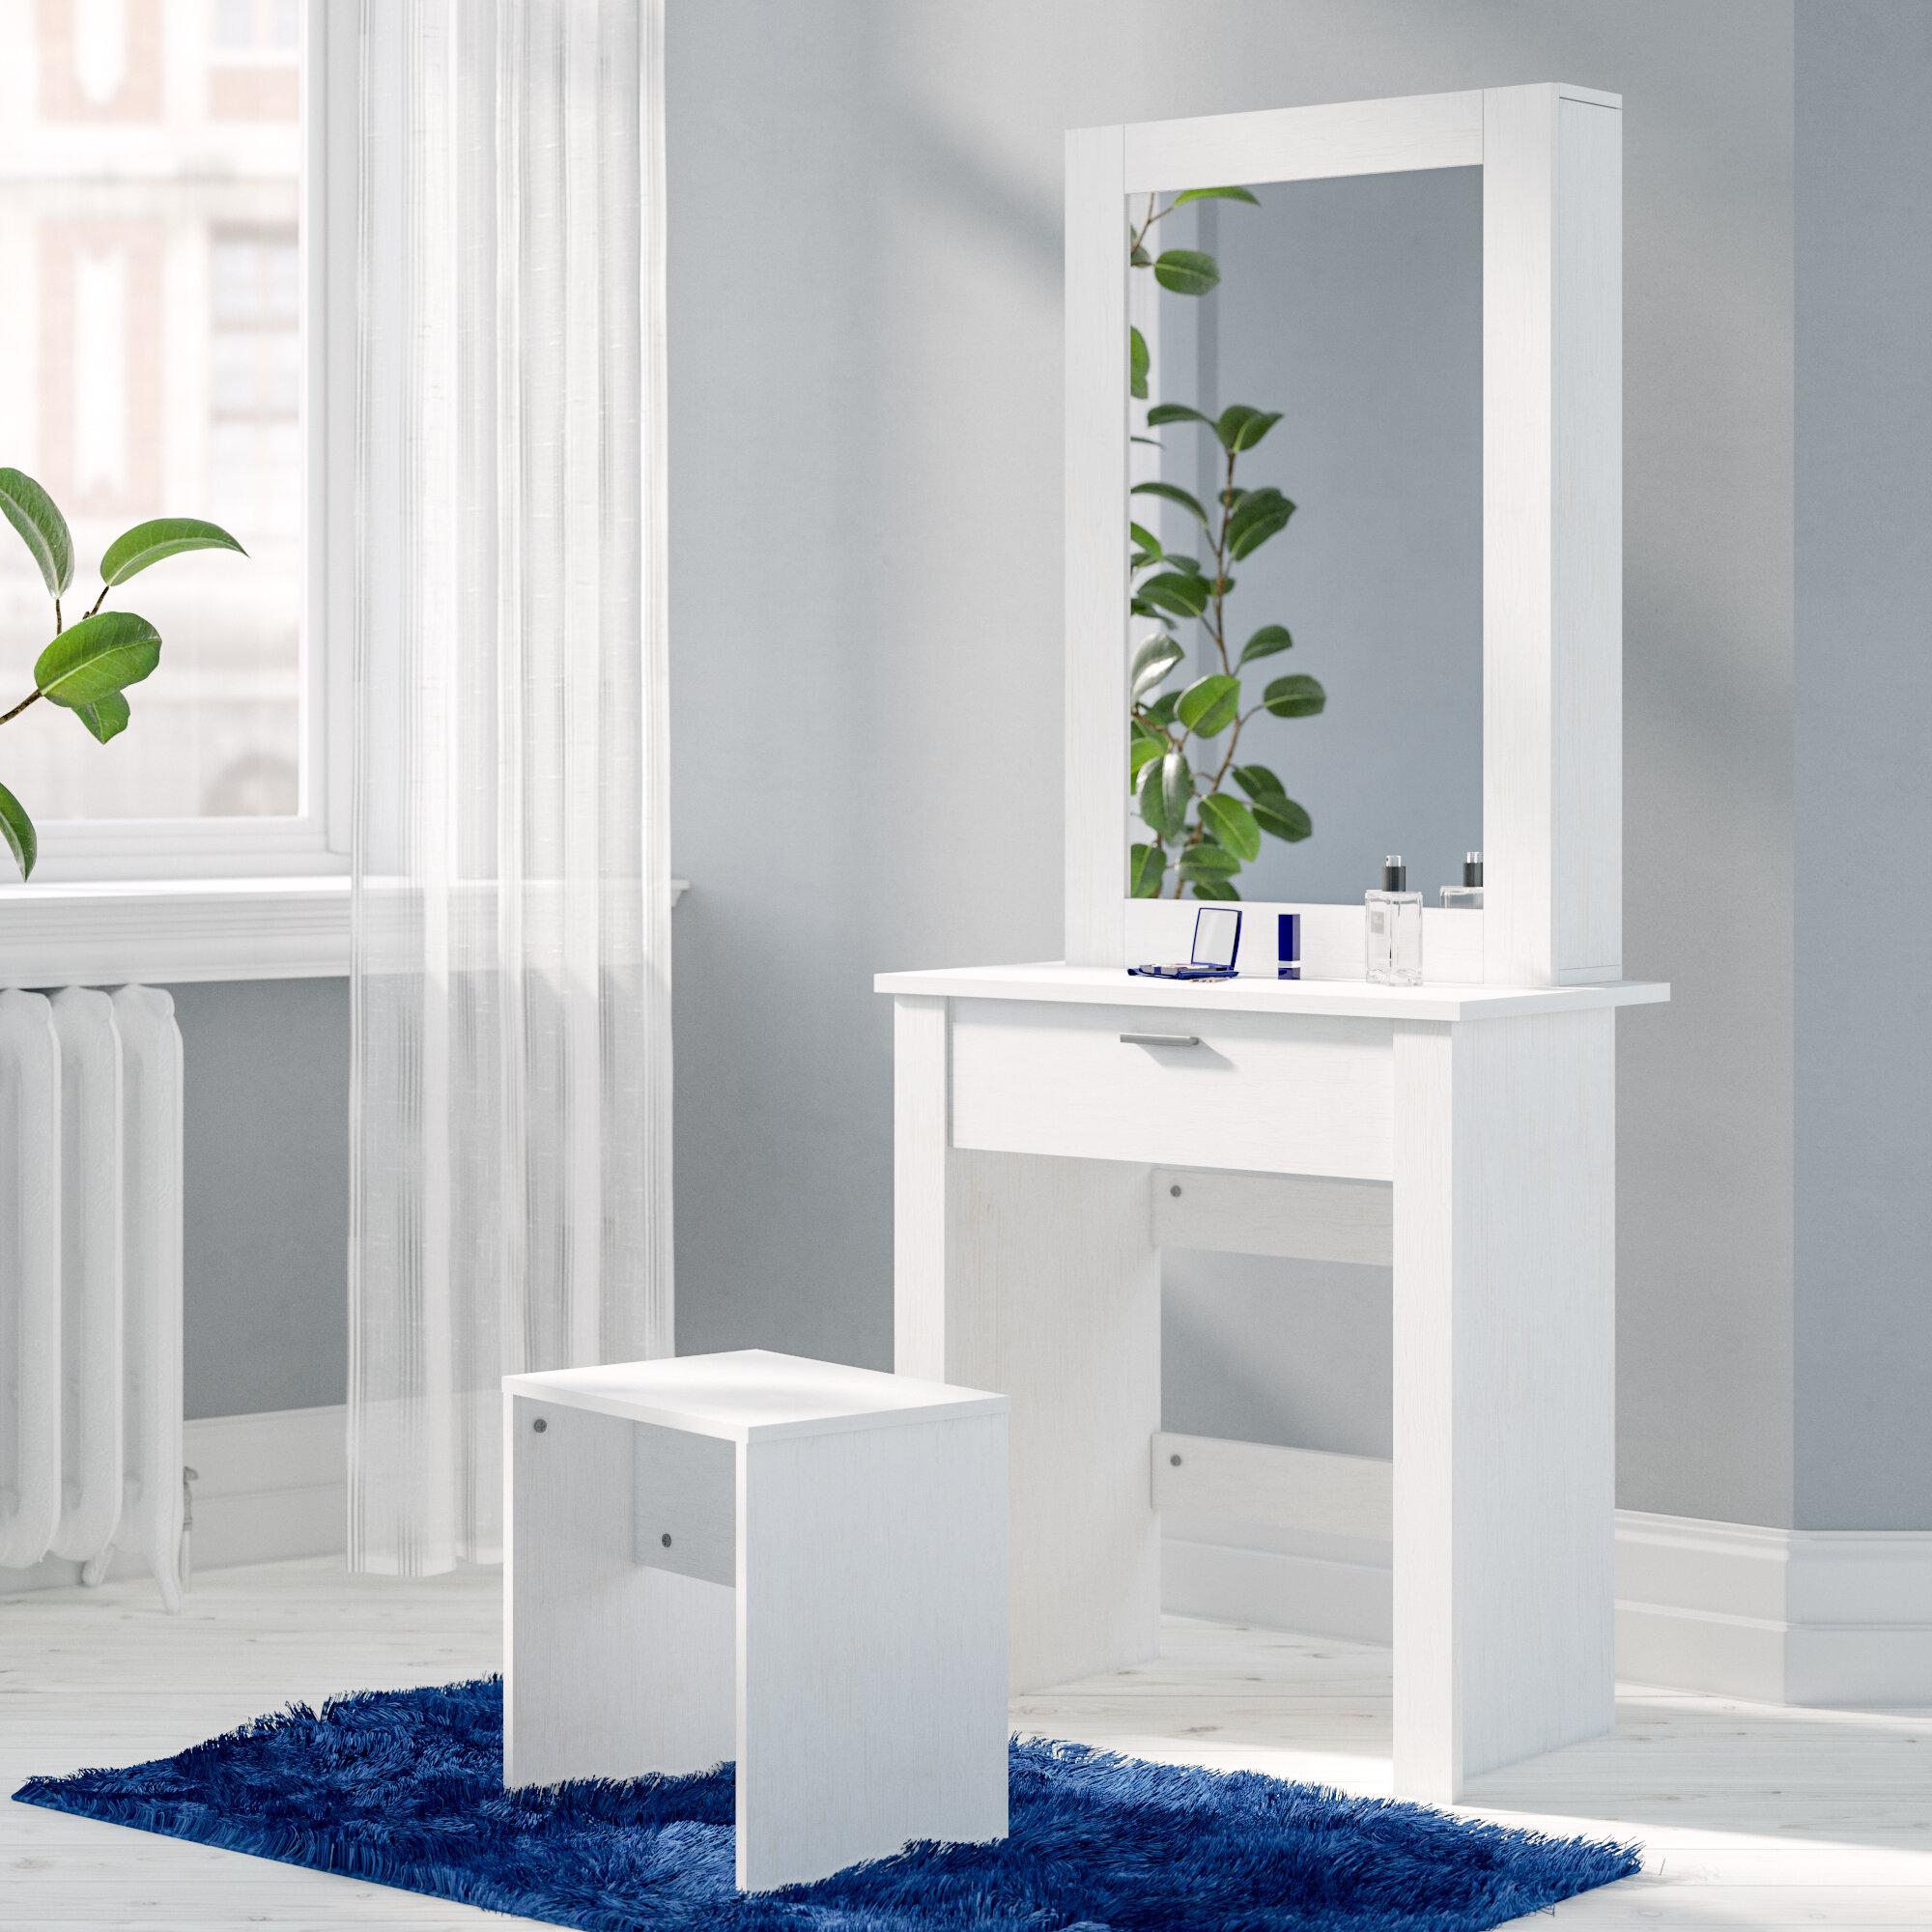 Wrought Studio Gumm Sliding Door Dressing Table Set With Mirror Reviews Wayfair Co Uk